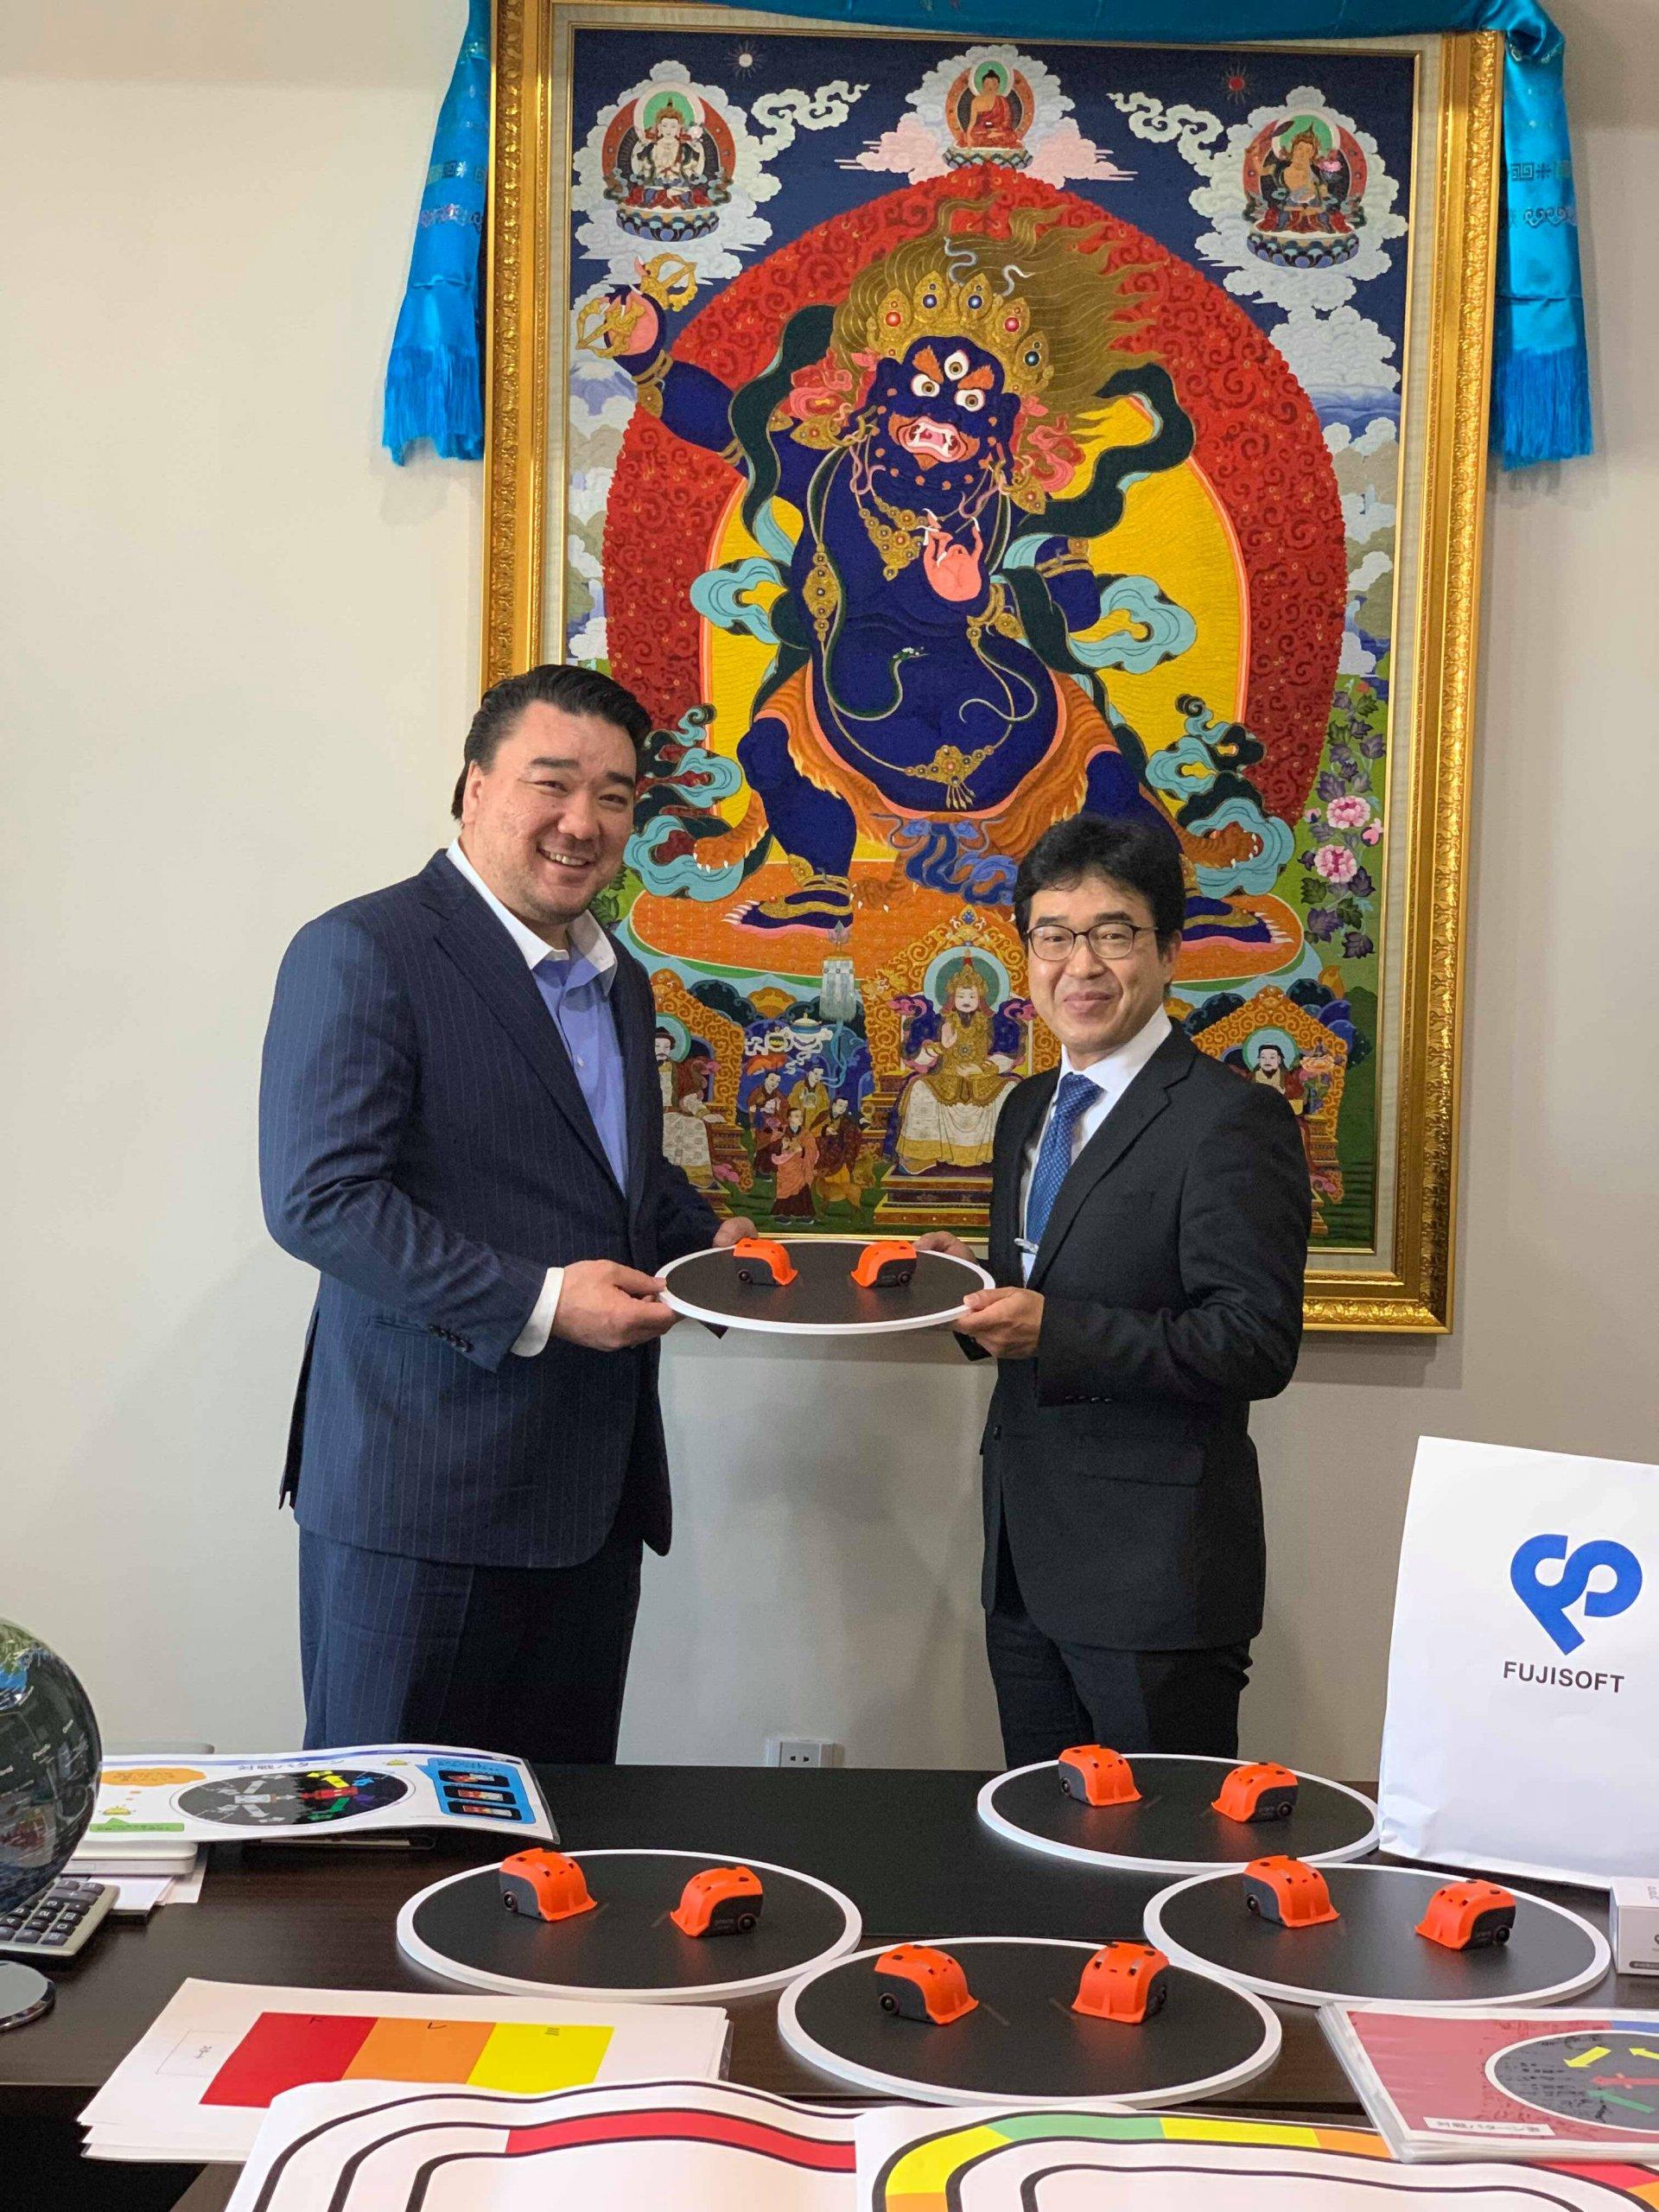 Fuji Soft LLC 10 ширхэг робот бэлэглэлээ